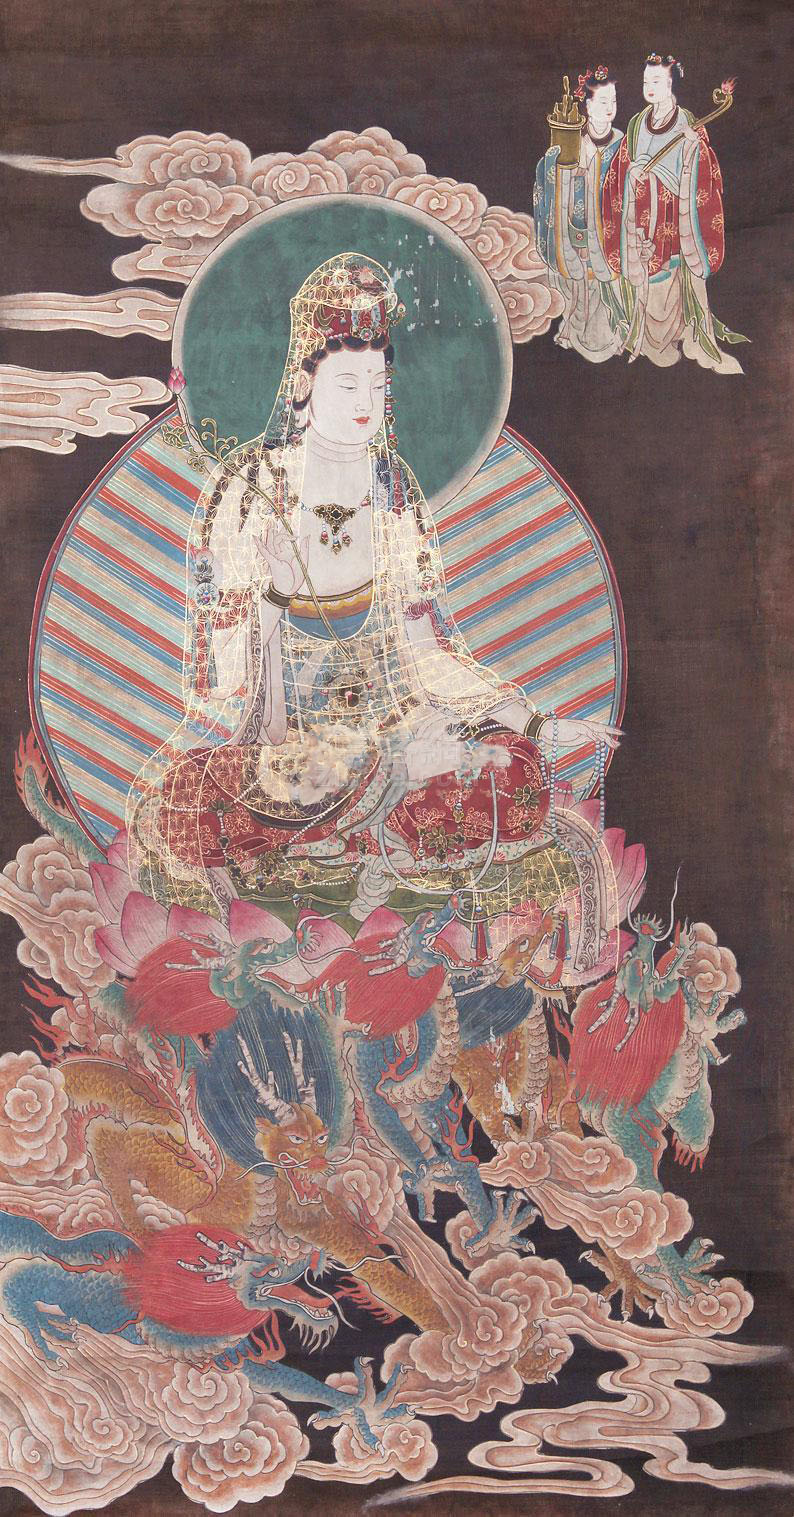 佚名 佛像(观音麒麟) 立轴 绢本作品欣赏